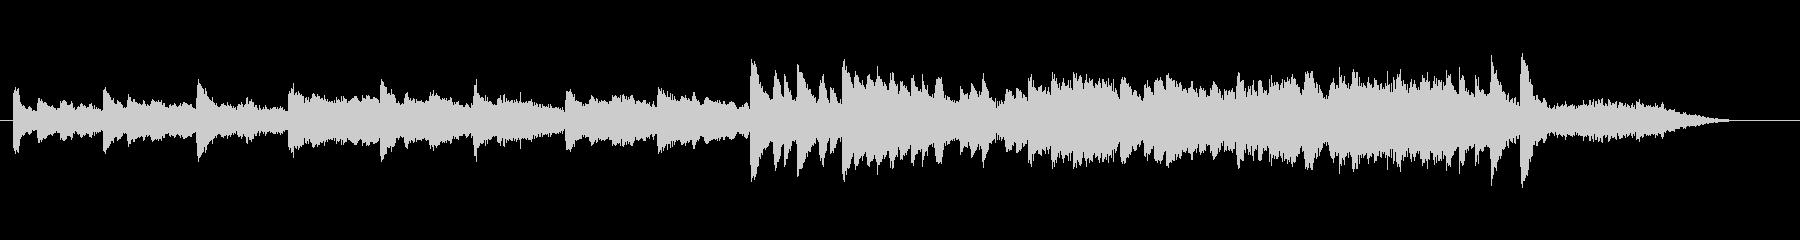 30秒でパッヘルベルのカノンピアノ&オケの未再生の波形